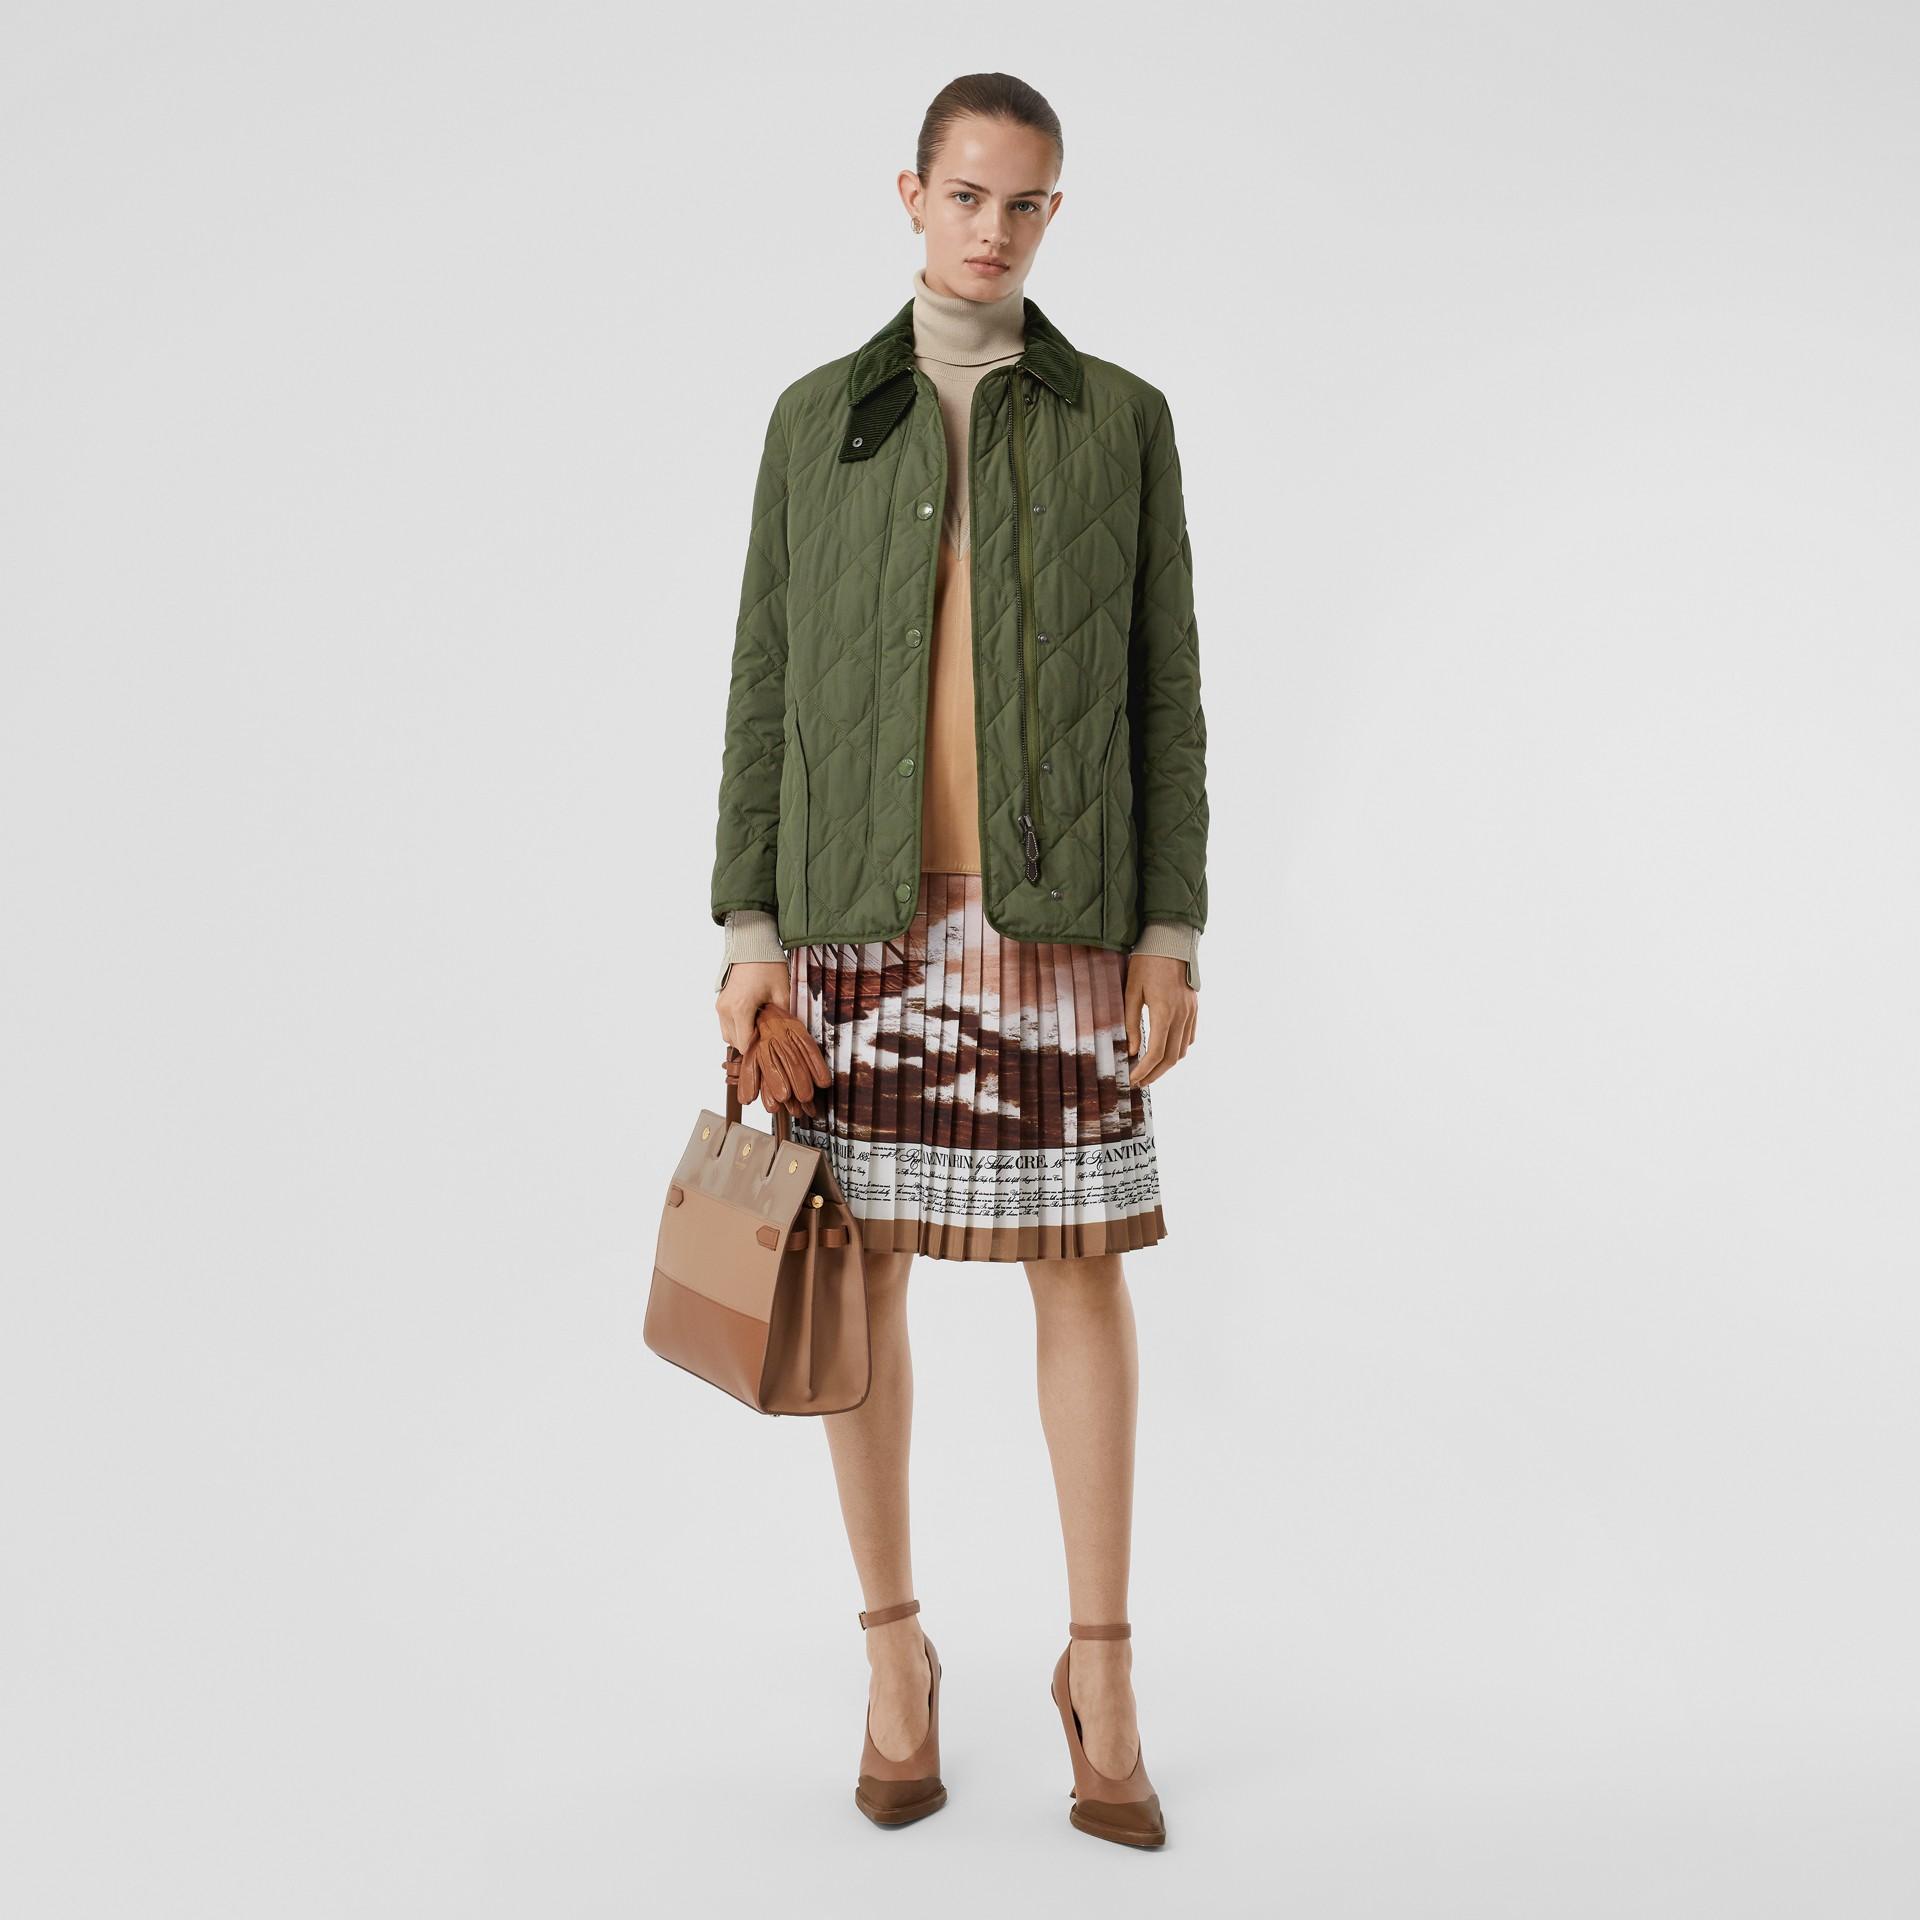 菱形絎縫溫度調節田野休閒外套 (楊樹綠) - 女款 | Burberry - 圖庫照片 0